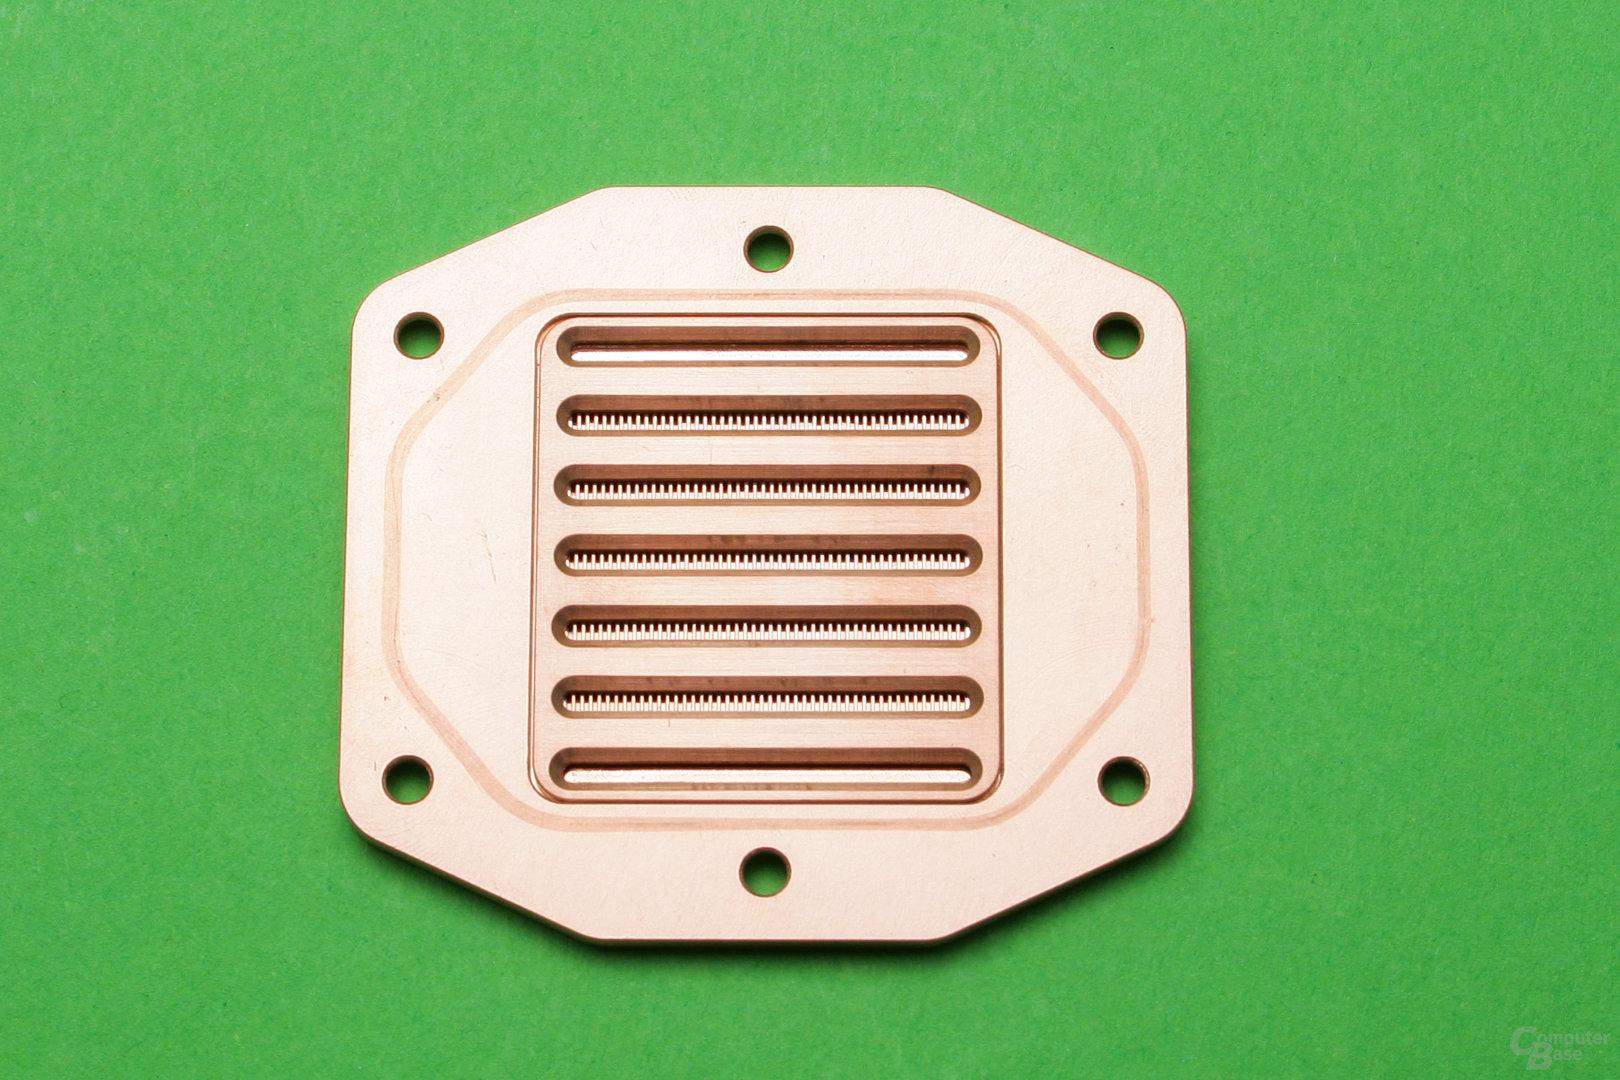 Anfi-tec drei: Bodenplatte mit Verteilerplatte